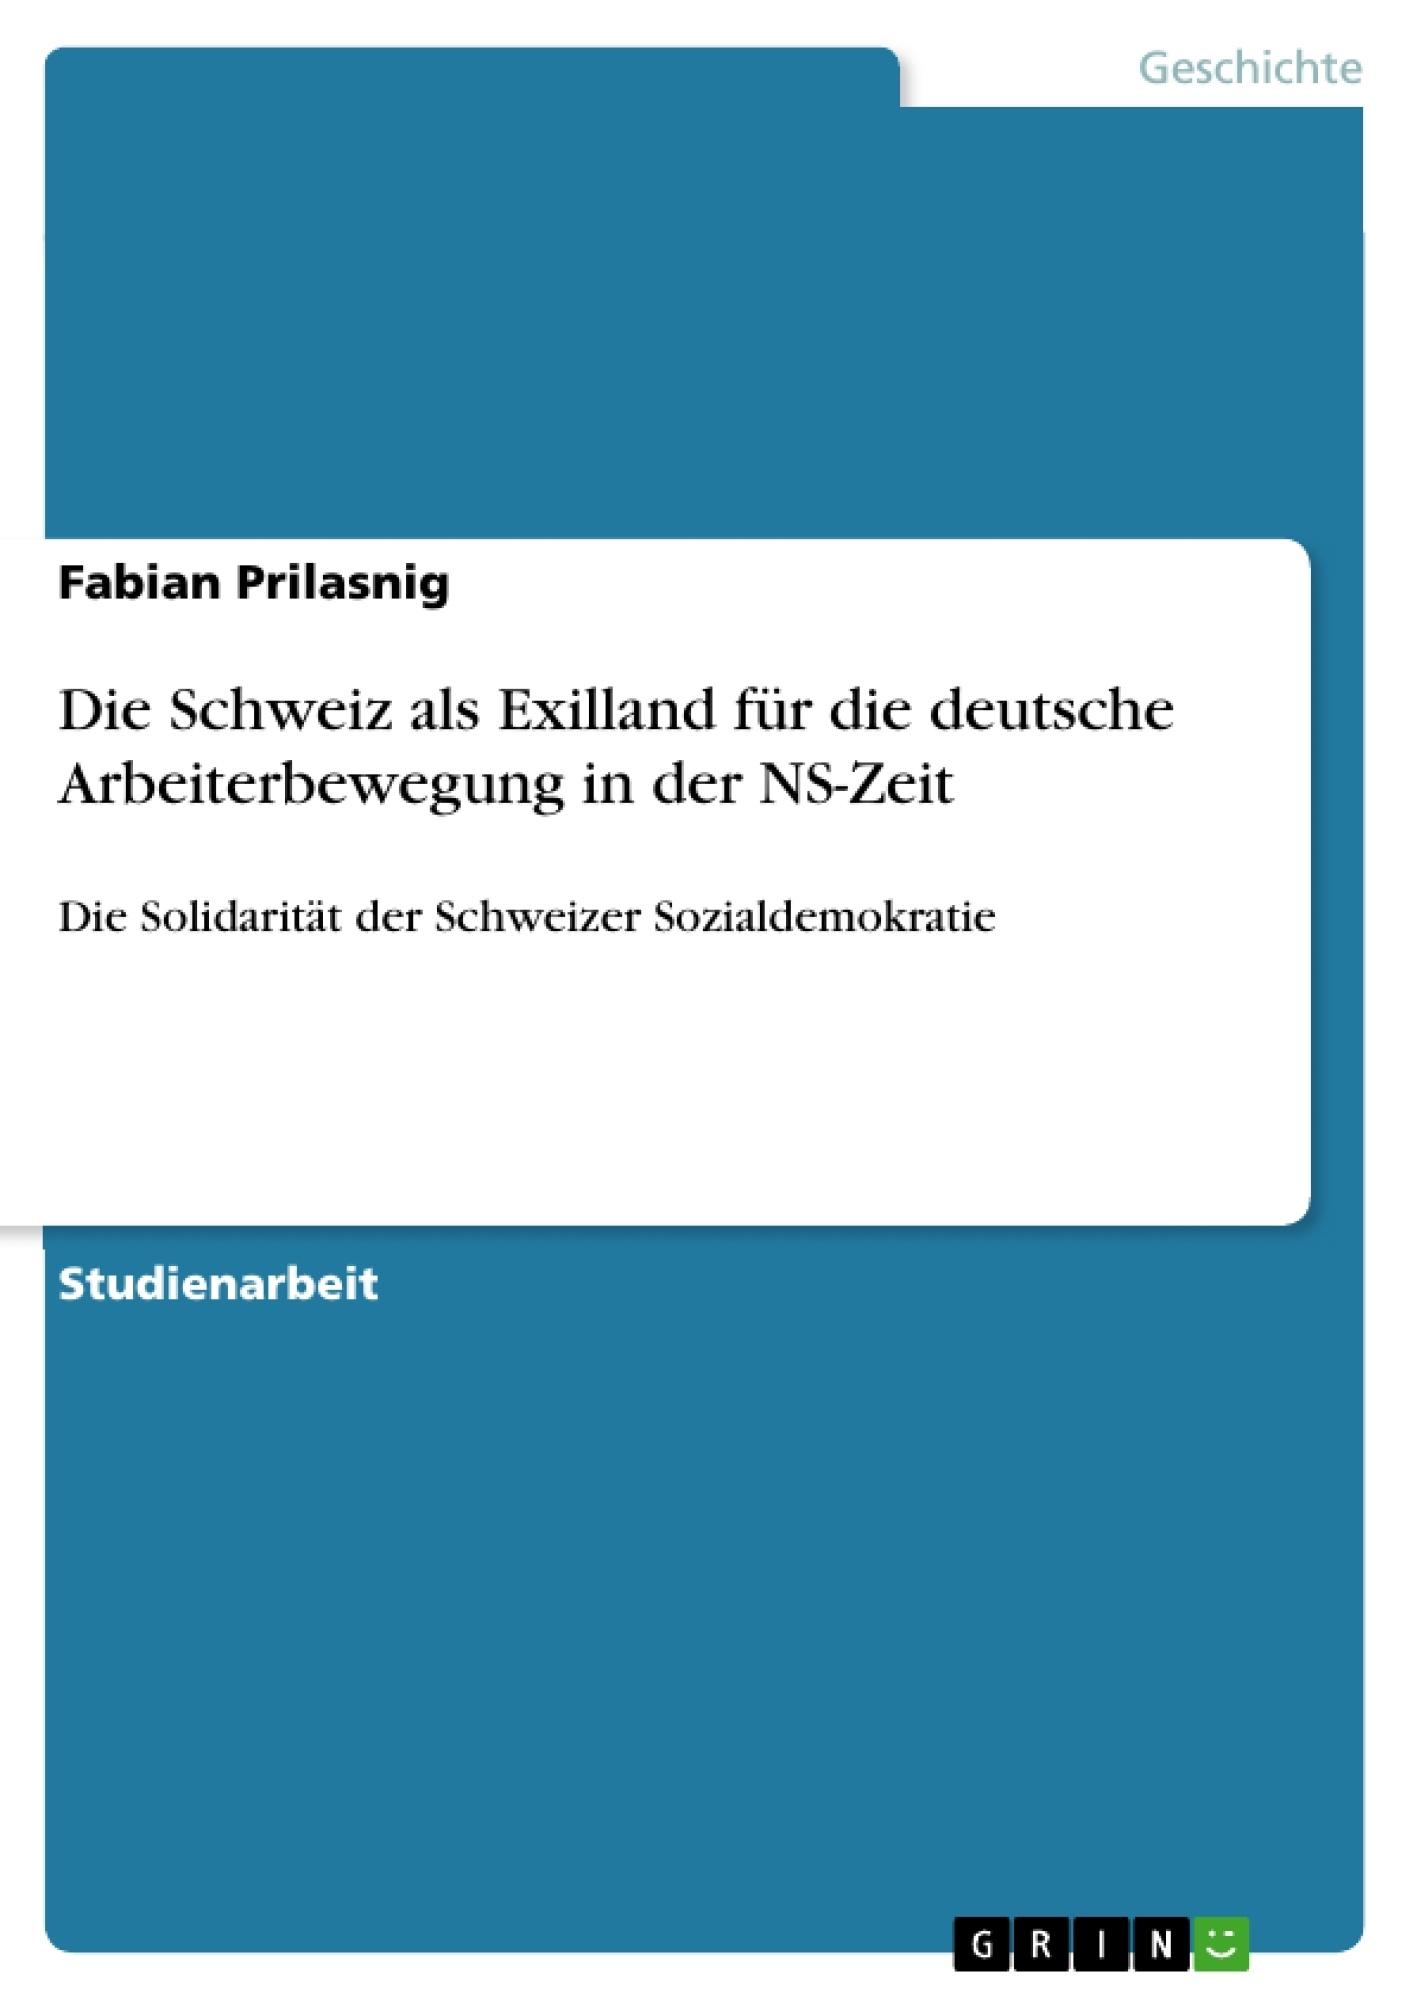 Titel: Die Schweiz als Exilland für die deutsche Arbeiterbewegung in der NS-Zeit